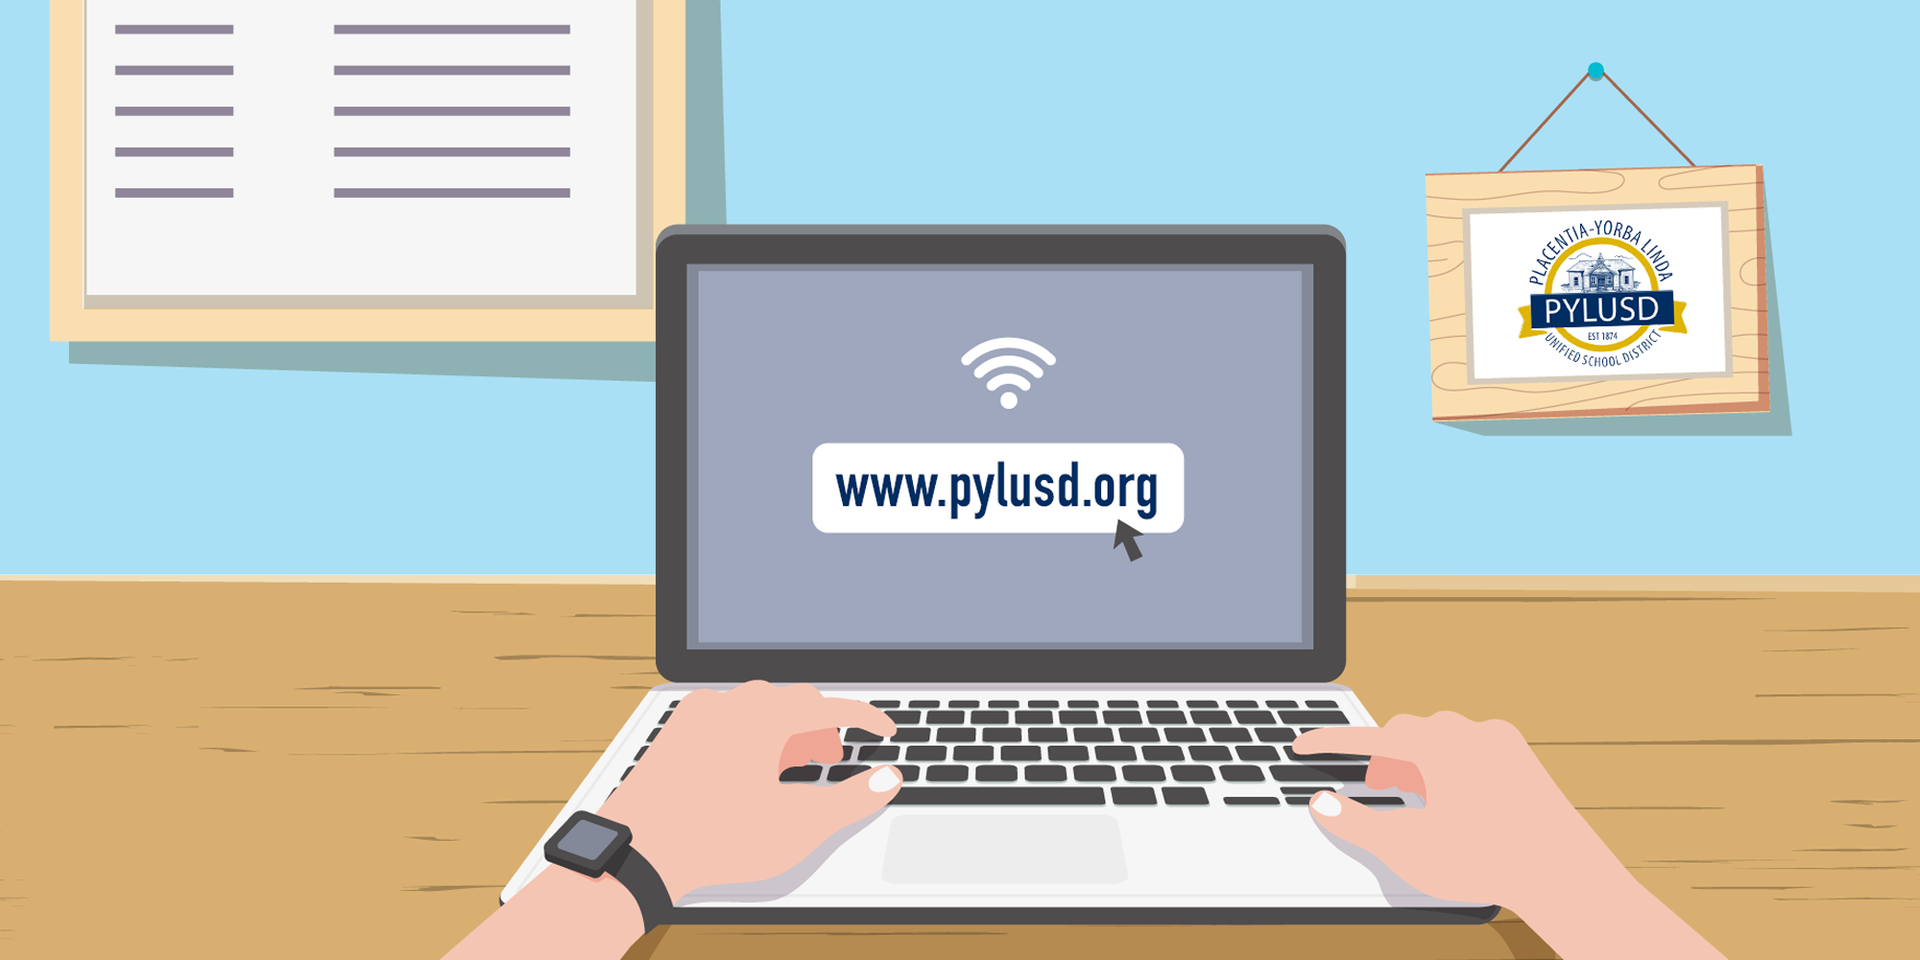 Technology in PYLUSD.